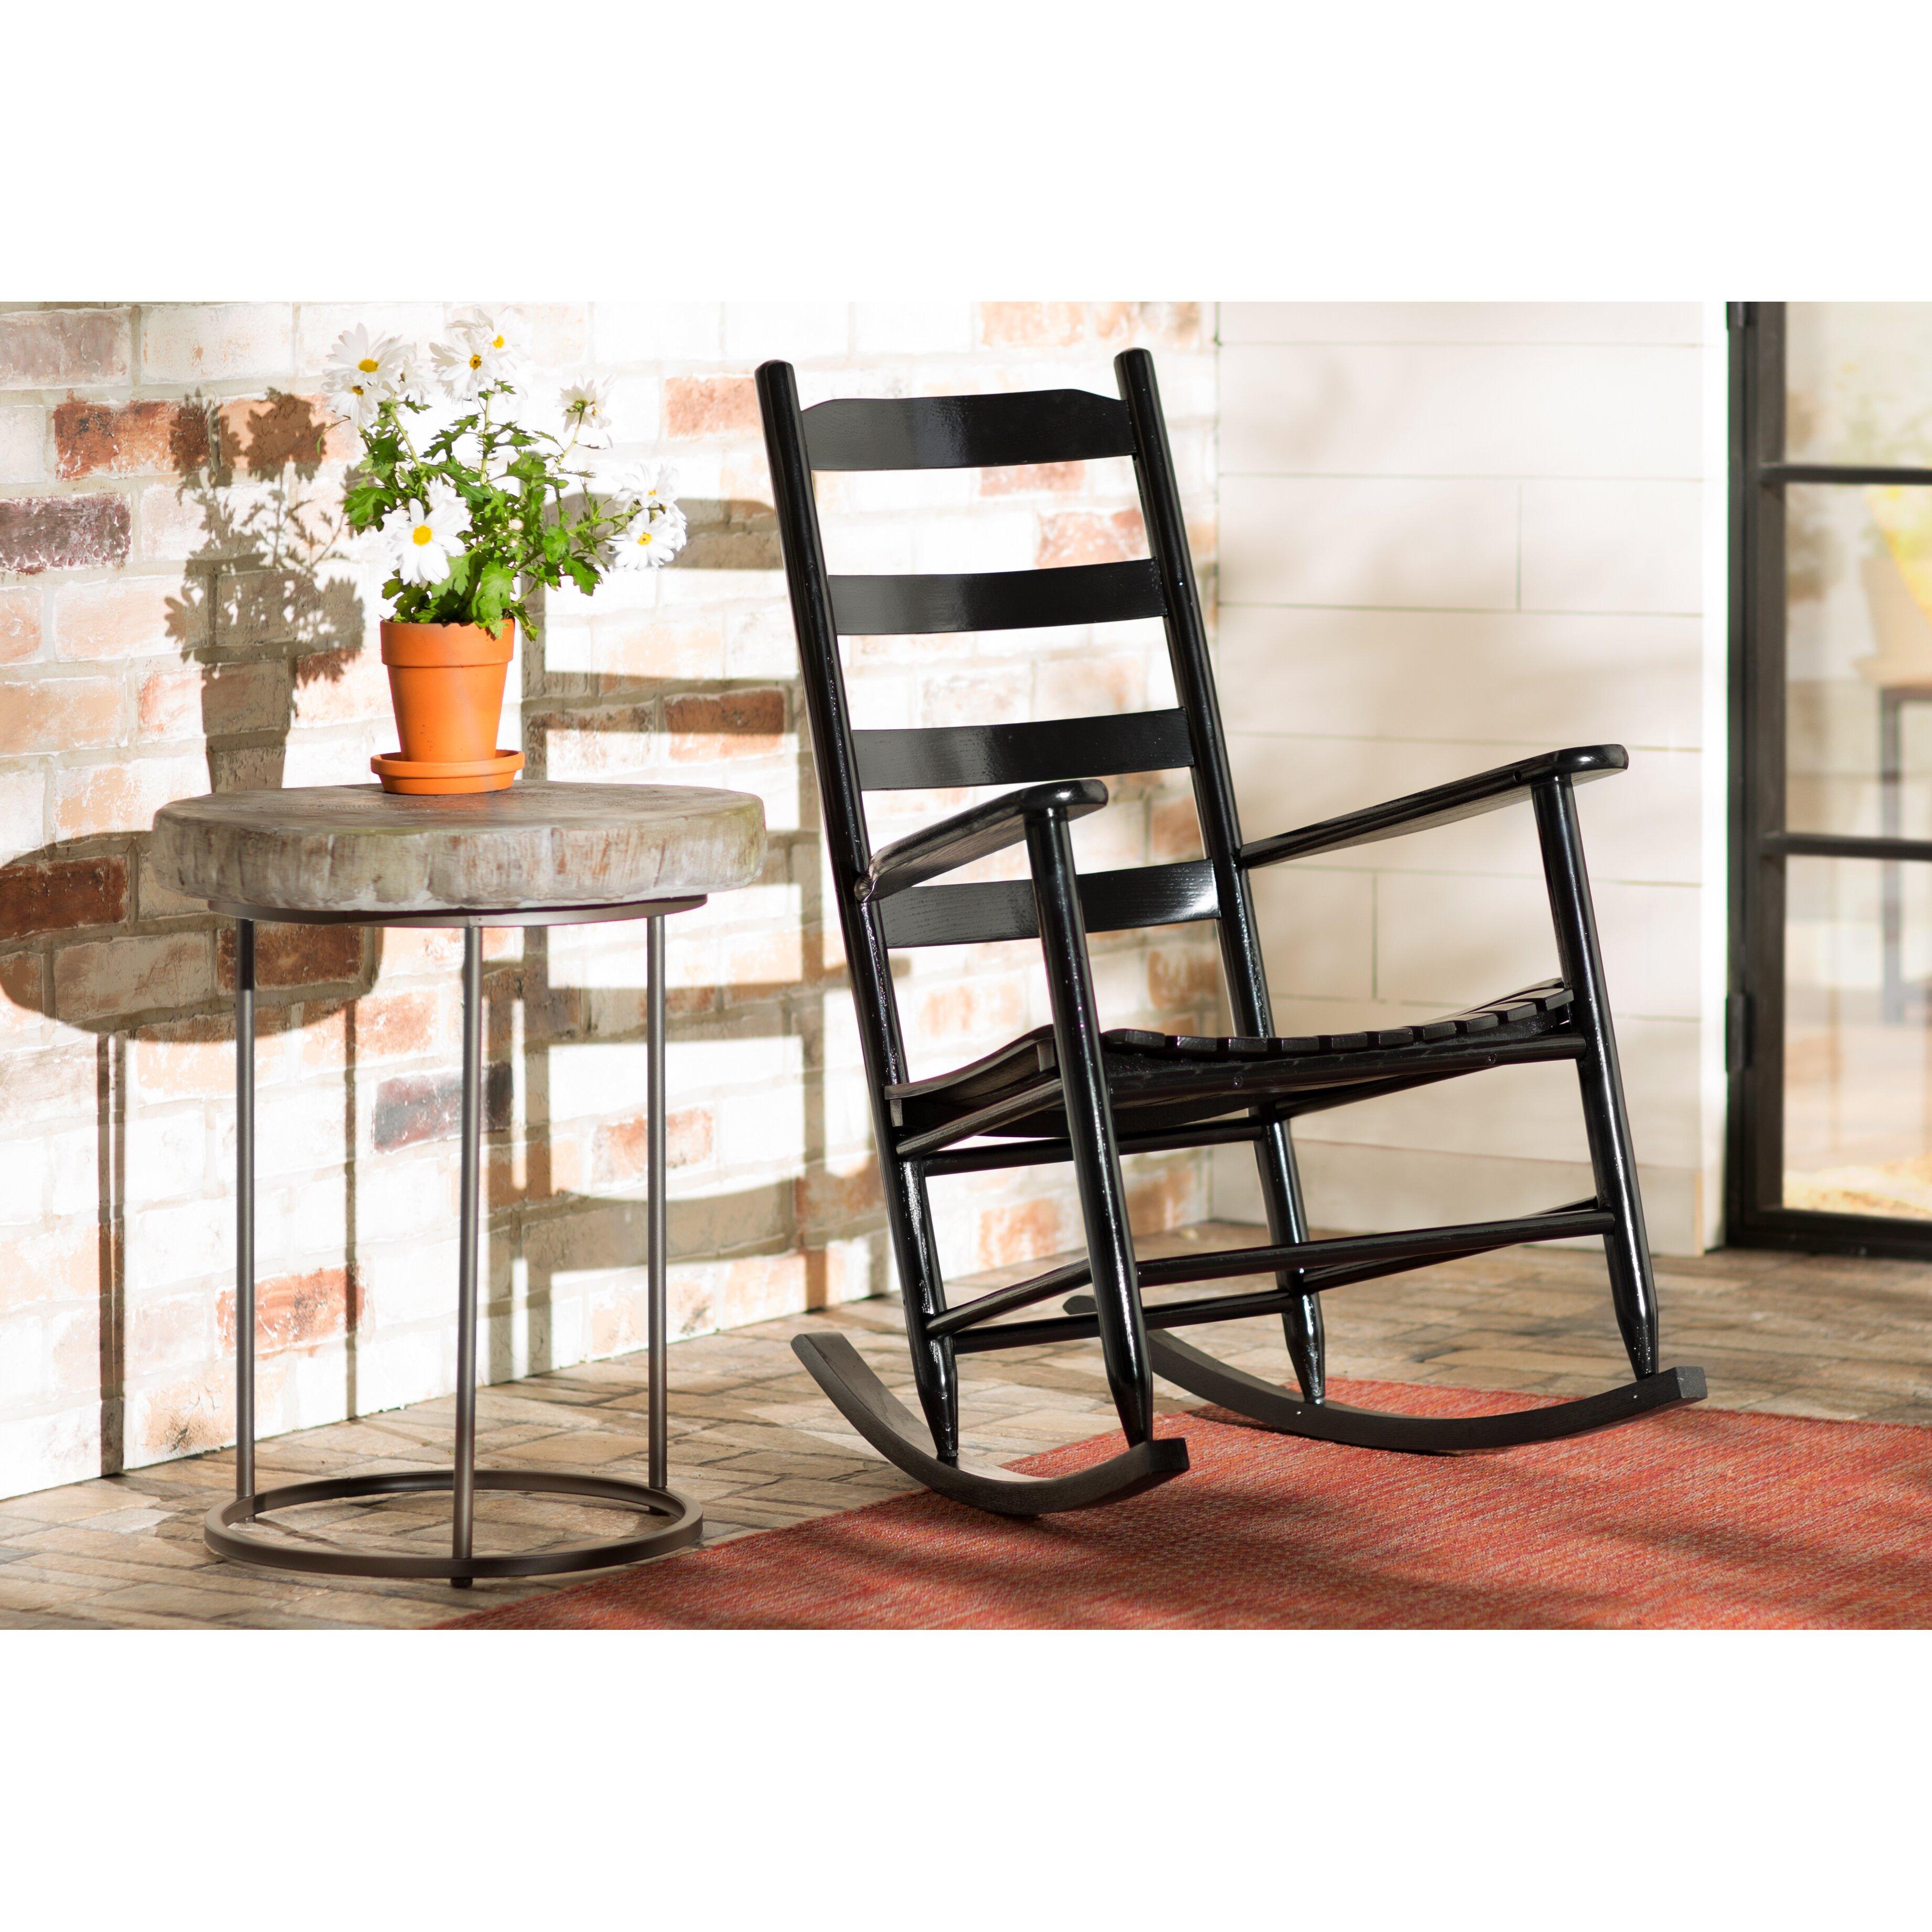 Laurel Foundry Modern Farmhouse™ Ona Ladder Back Rocking Chair